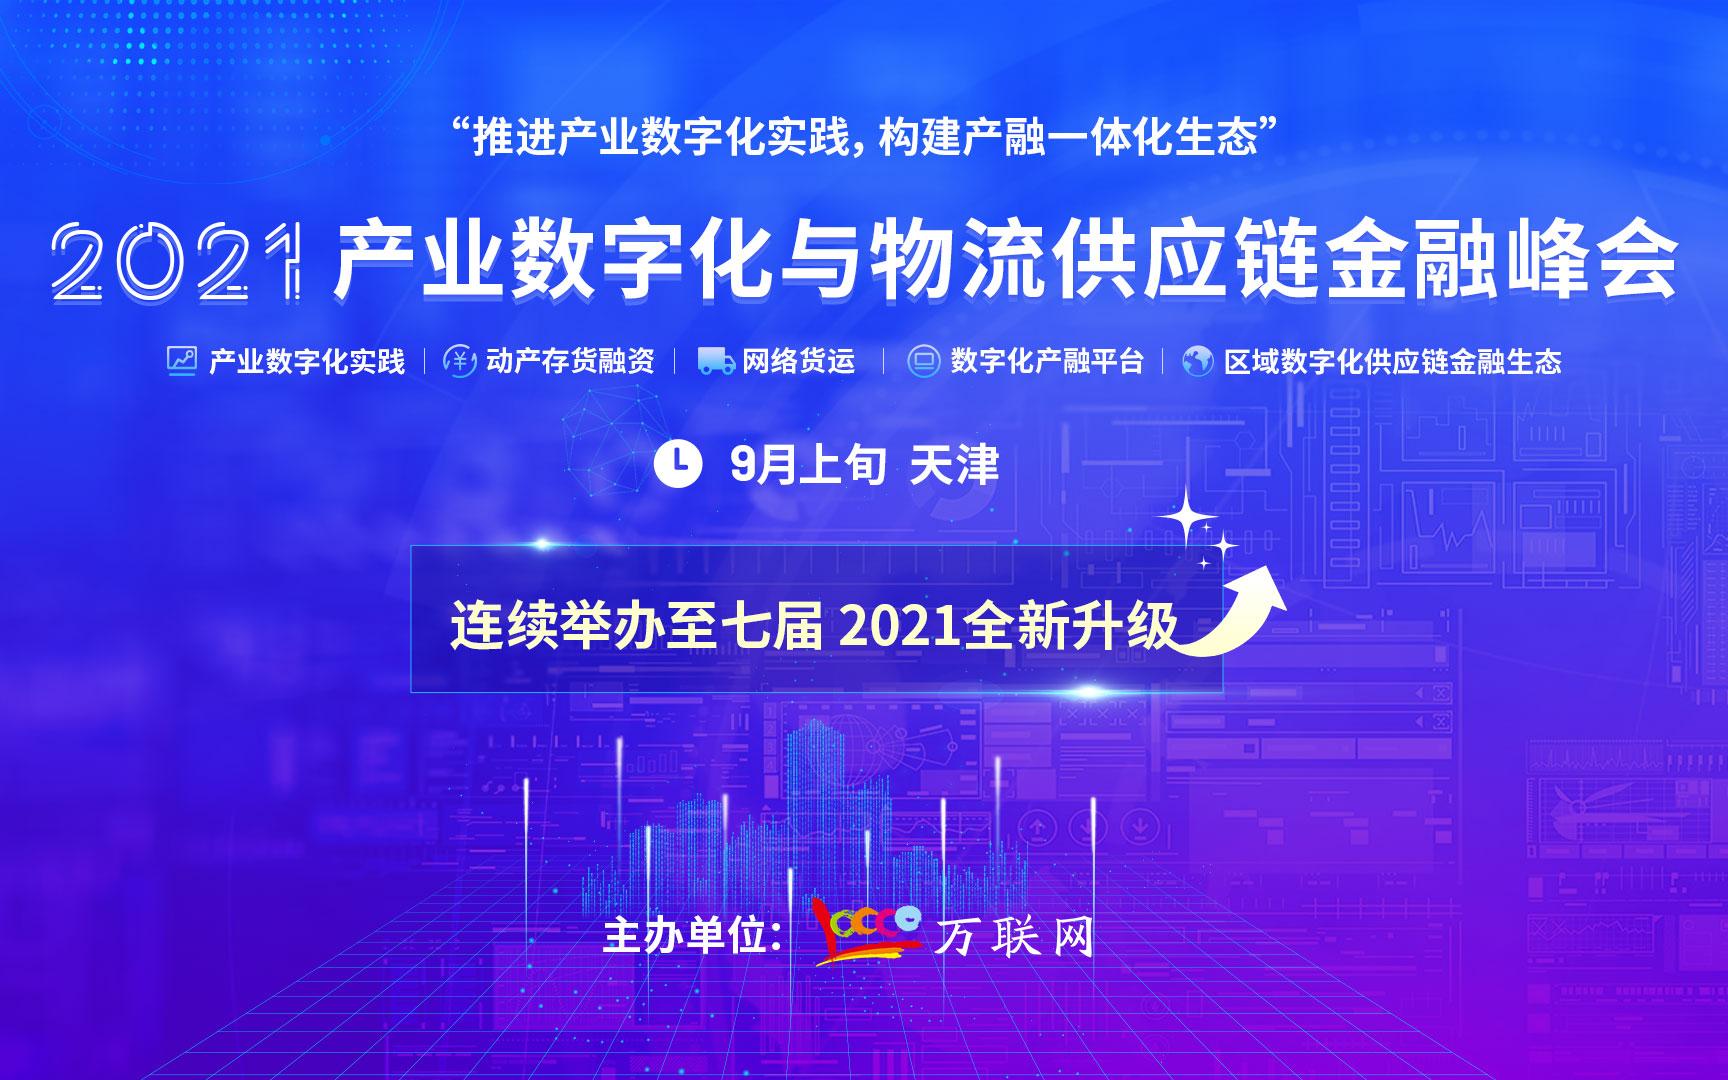 2021产业数字化与物流供应链金融峰会